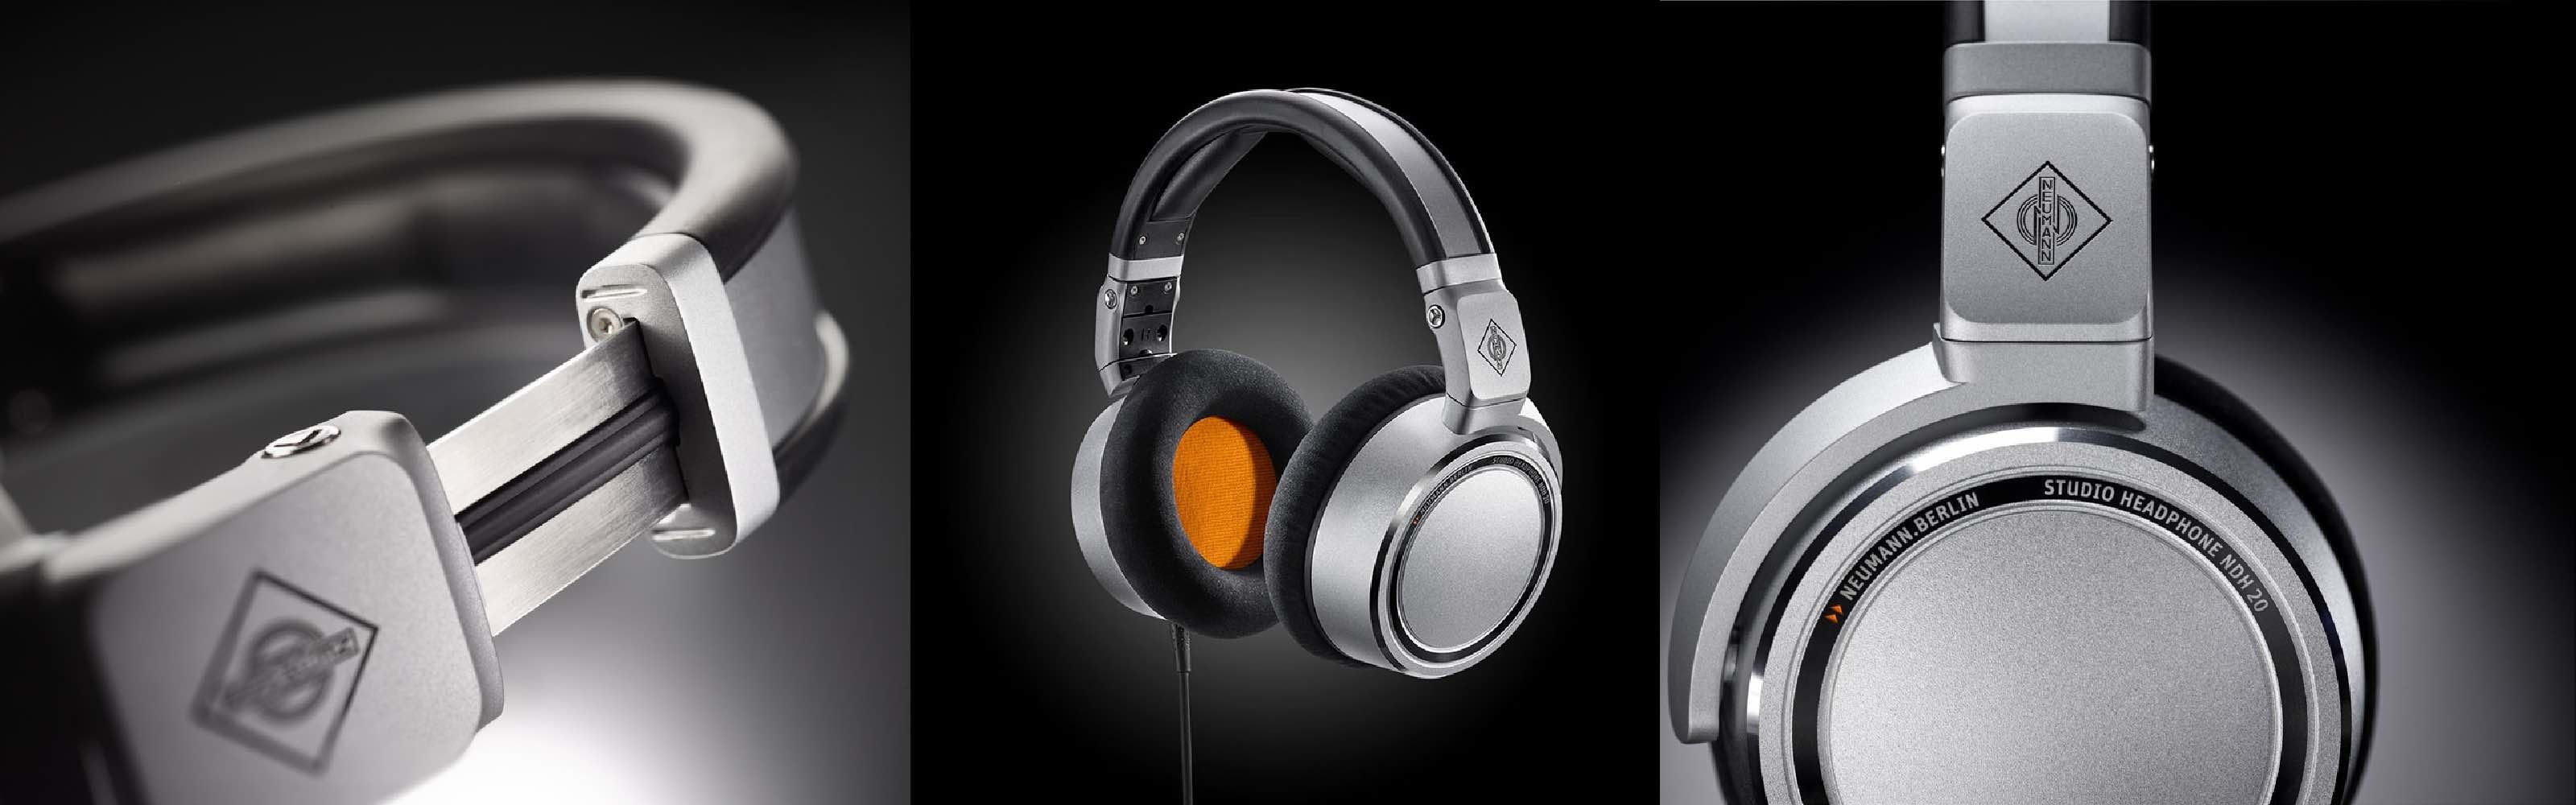 Neumann NDH20 Headphone Review